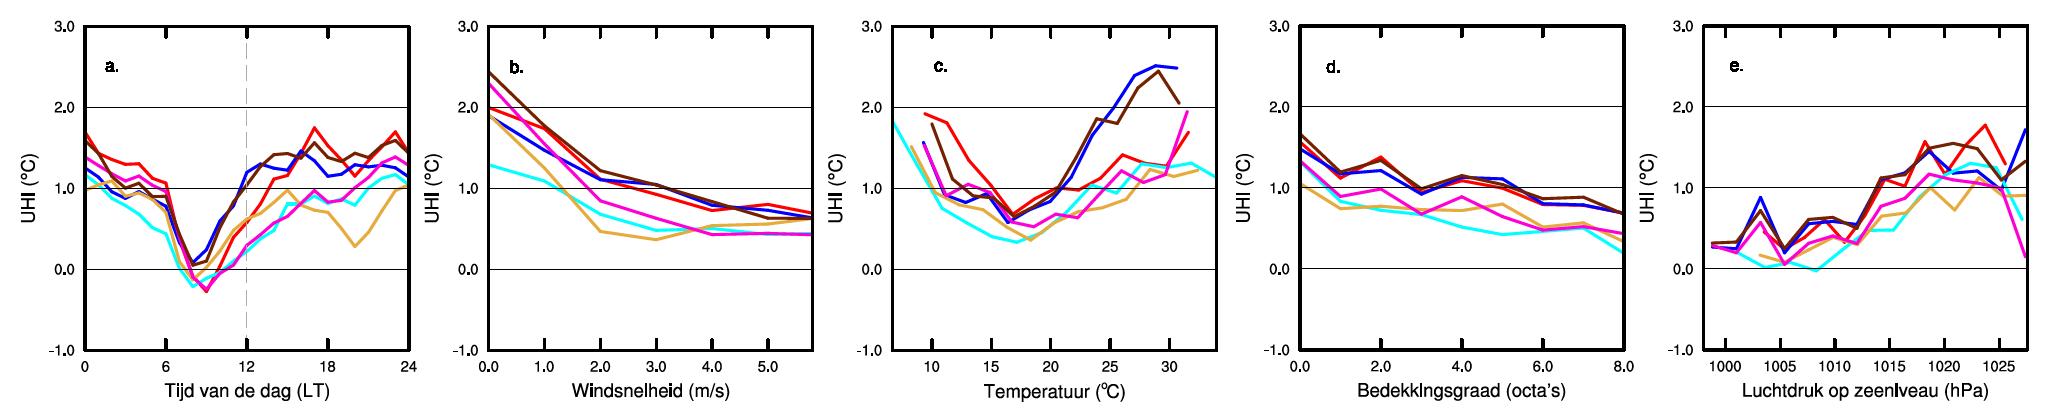 Gemiddeld verloop van het UHI in de zomer van 2010 als functie van de tijd van de dag (a.) en de gemeten windsnelheid (b.), temperatuur (c.), wolkenbedekkingsgraad (d.) en luchtdruk (e.). Bron: KNMI